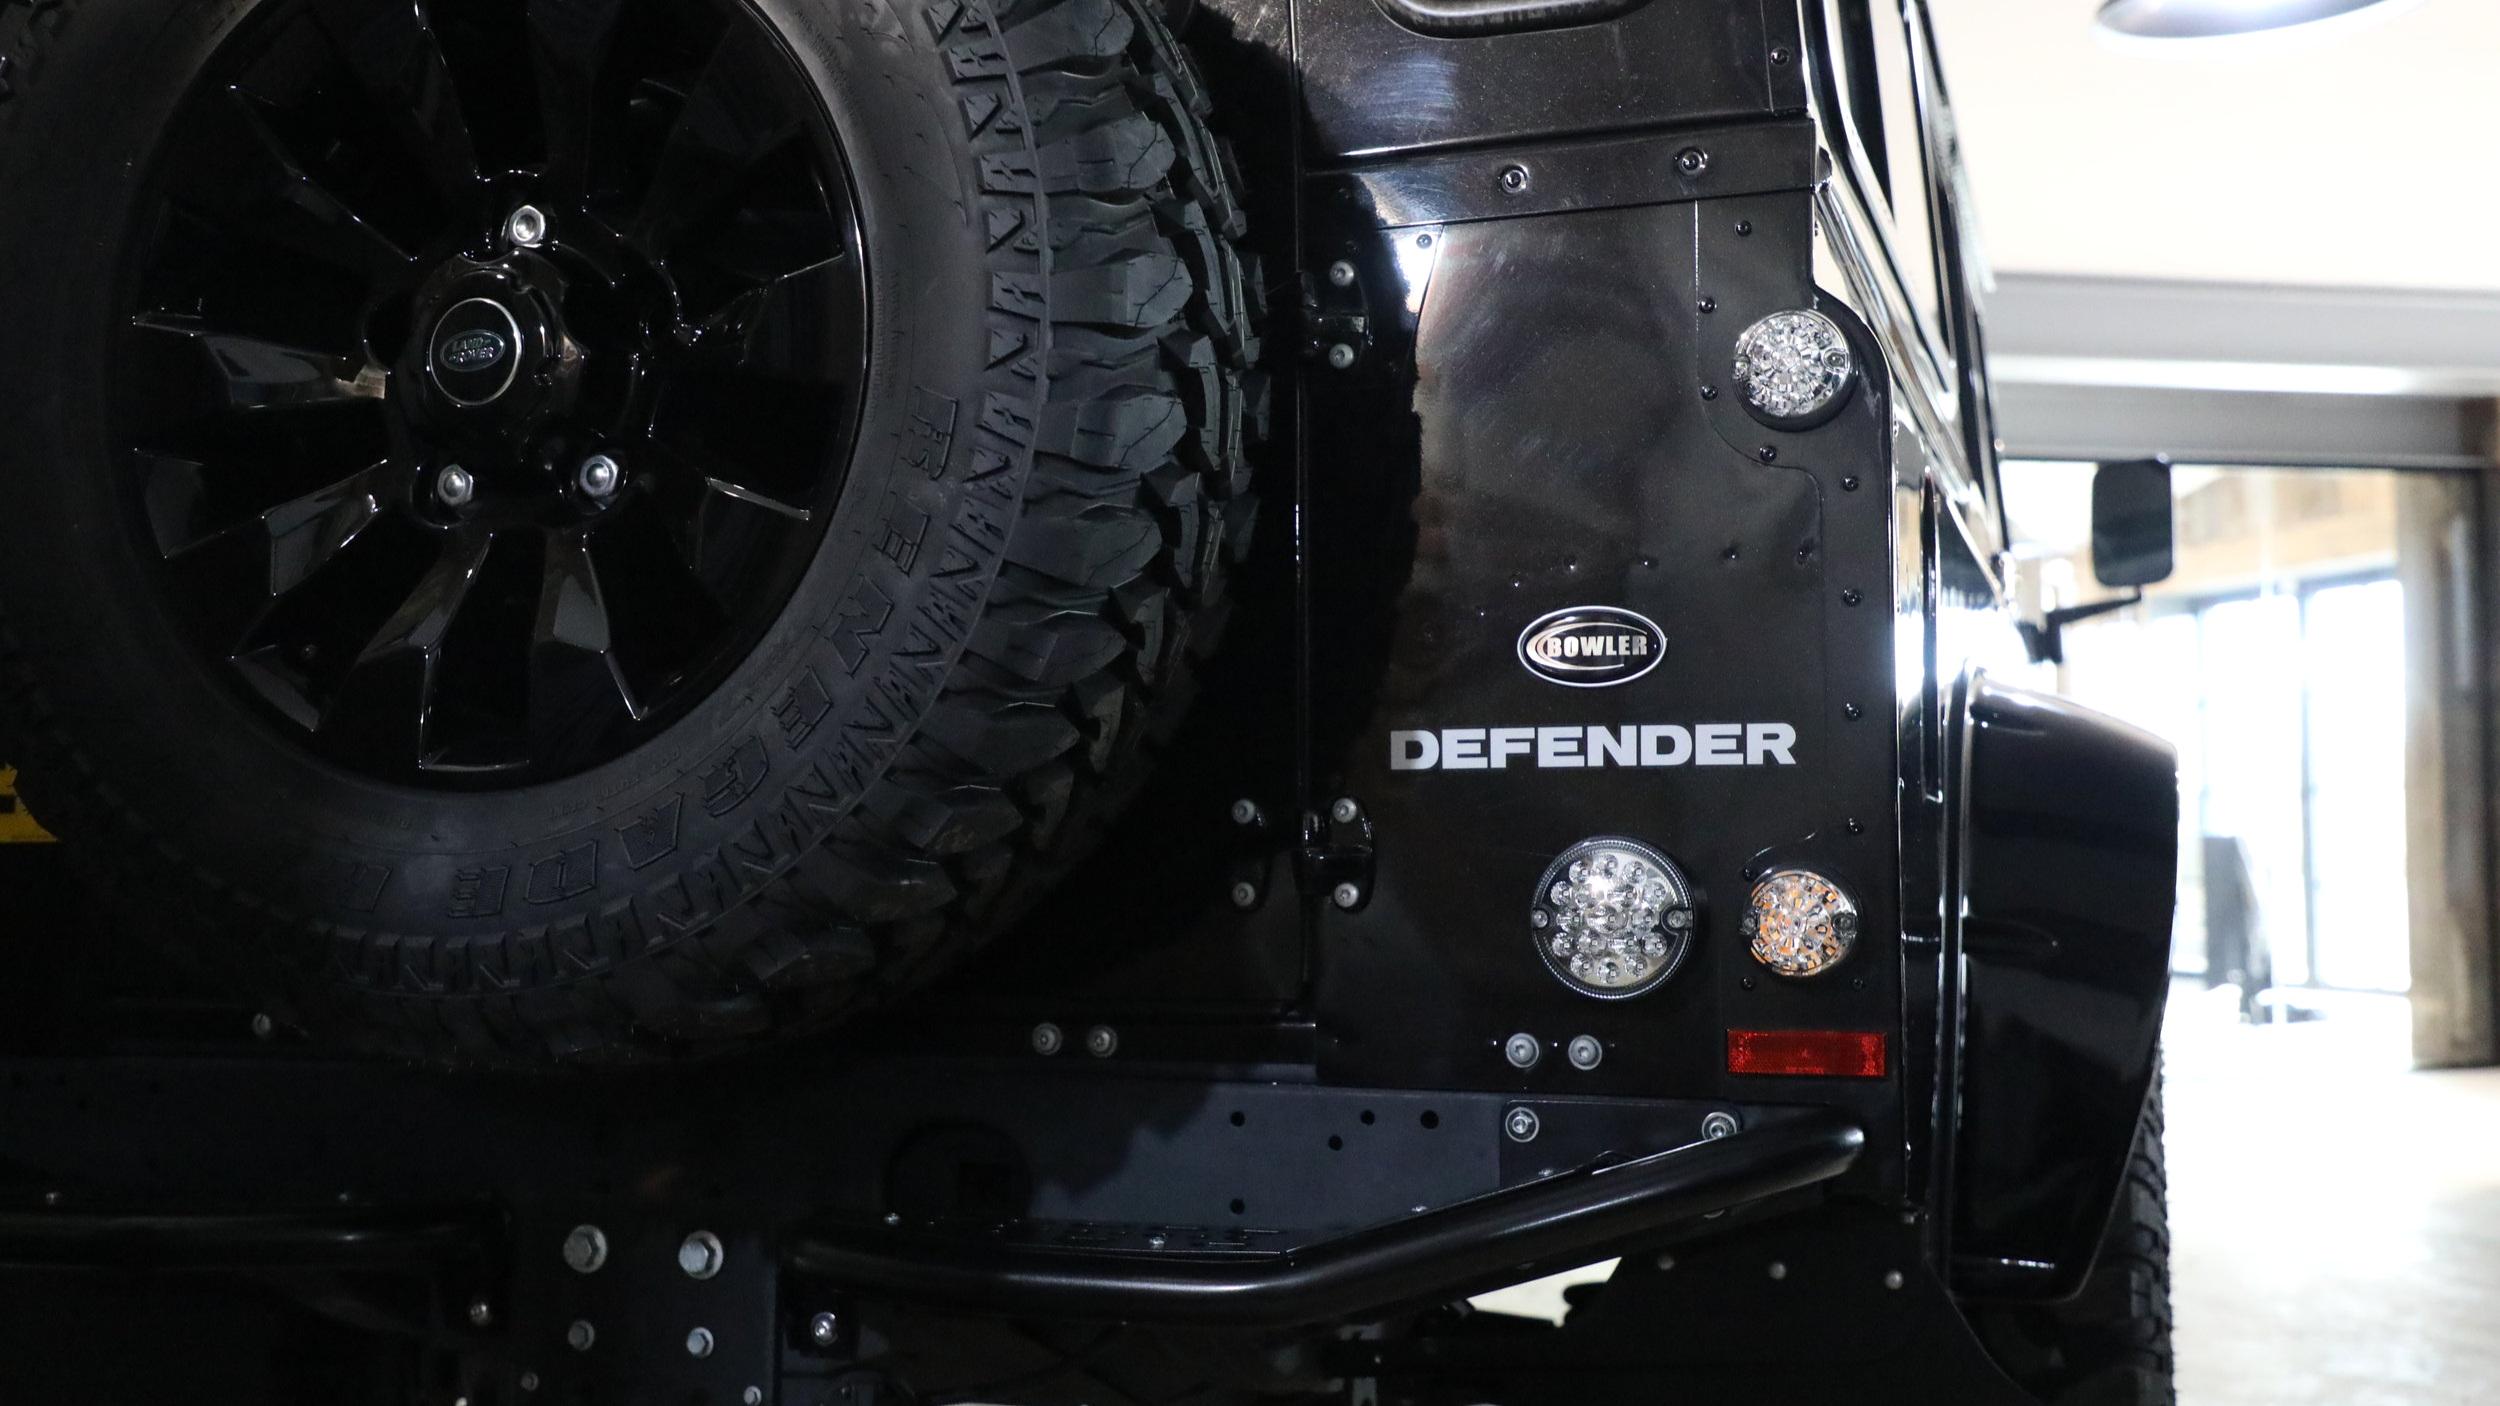 LAND ROVER DEFENDER - 2016 BOWLER DEFENDER 110£74,995